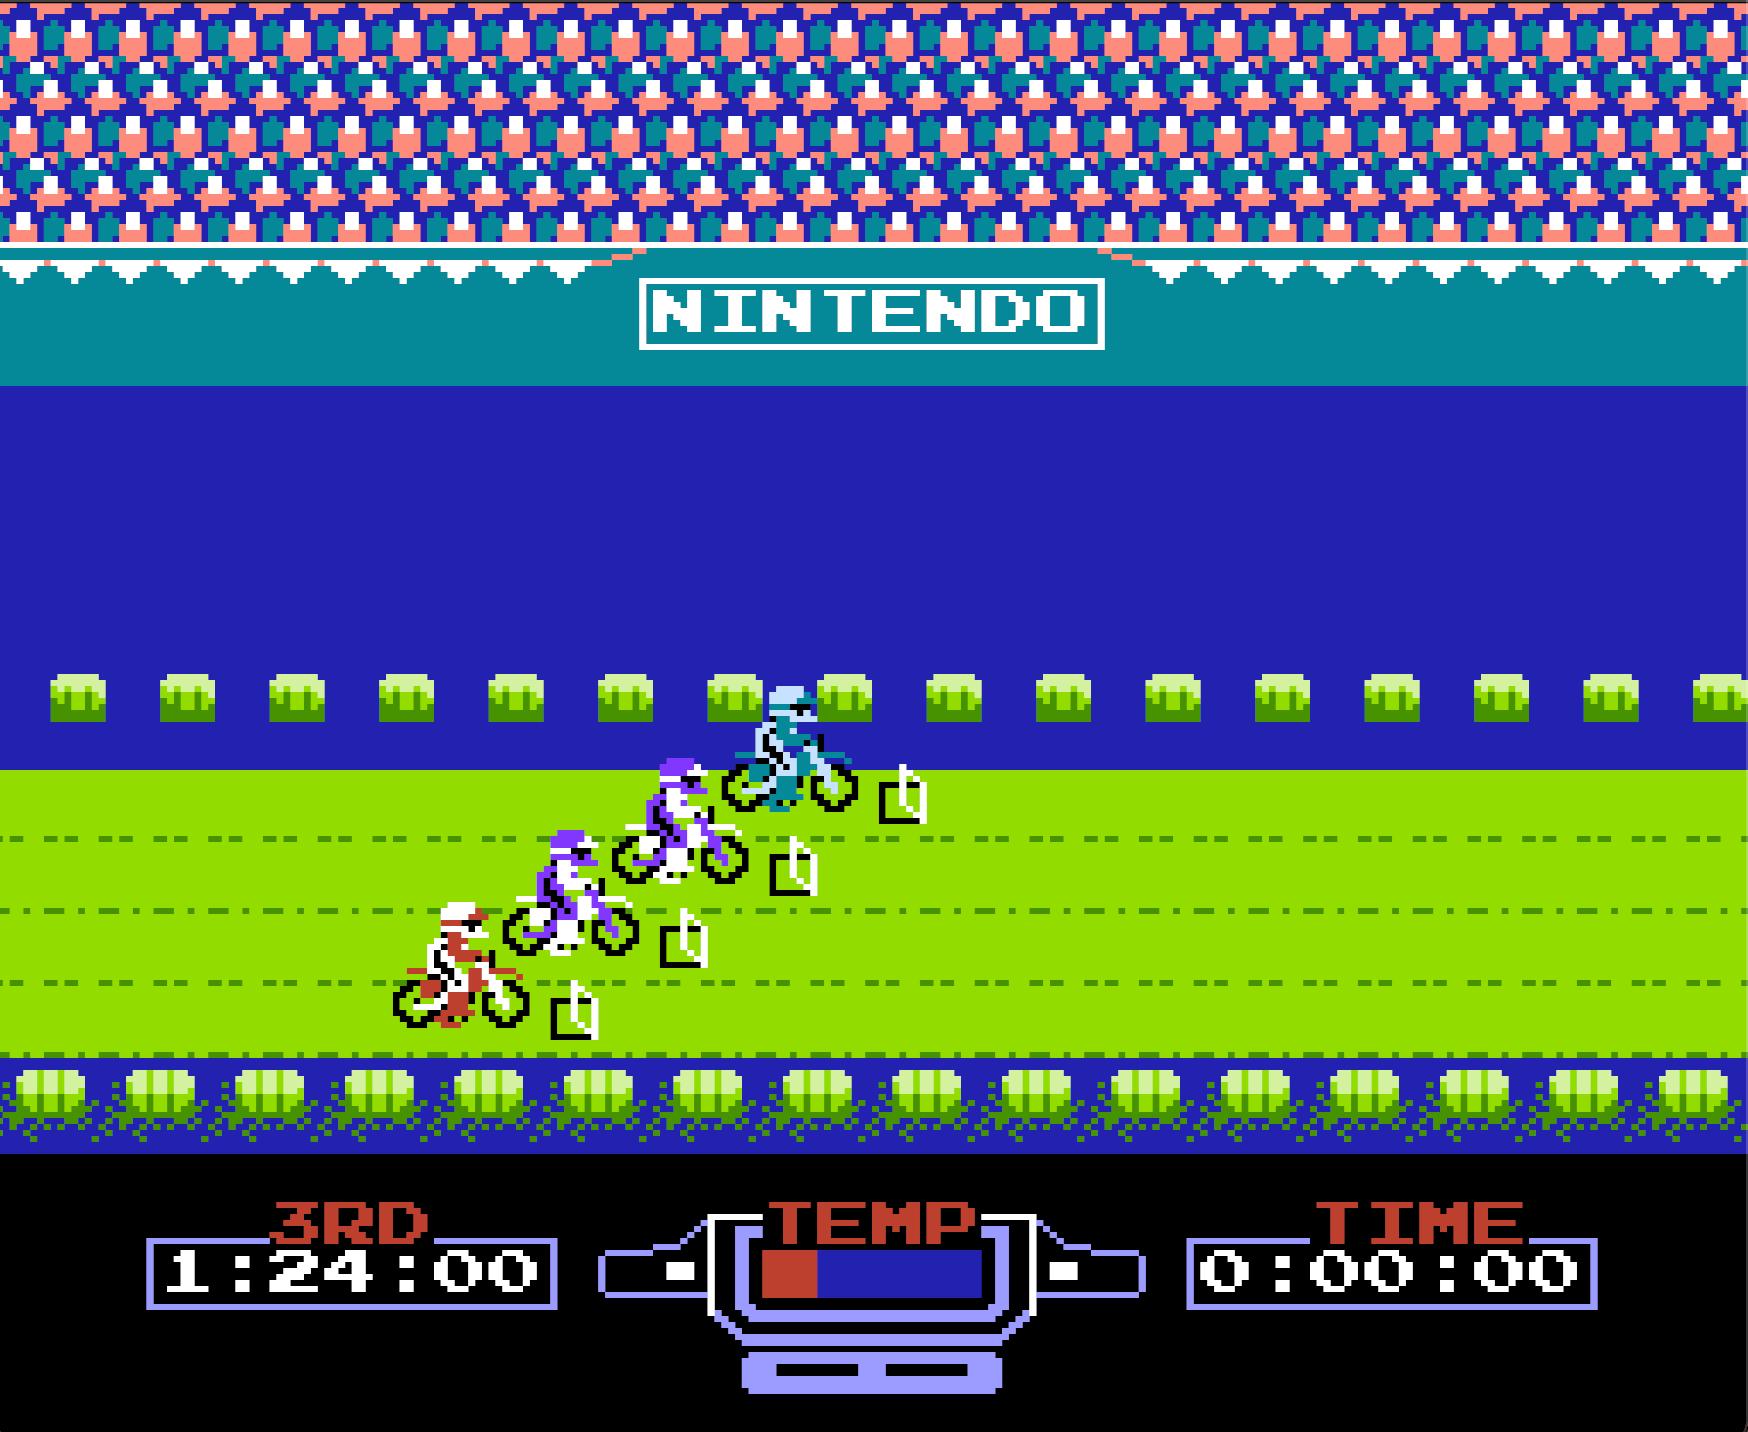 ファミコン用バイクゲーム『エキサイトバイク』が生まれた時代背景、バイクが子どもたちの身近にあった80年代の思い出の画像010